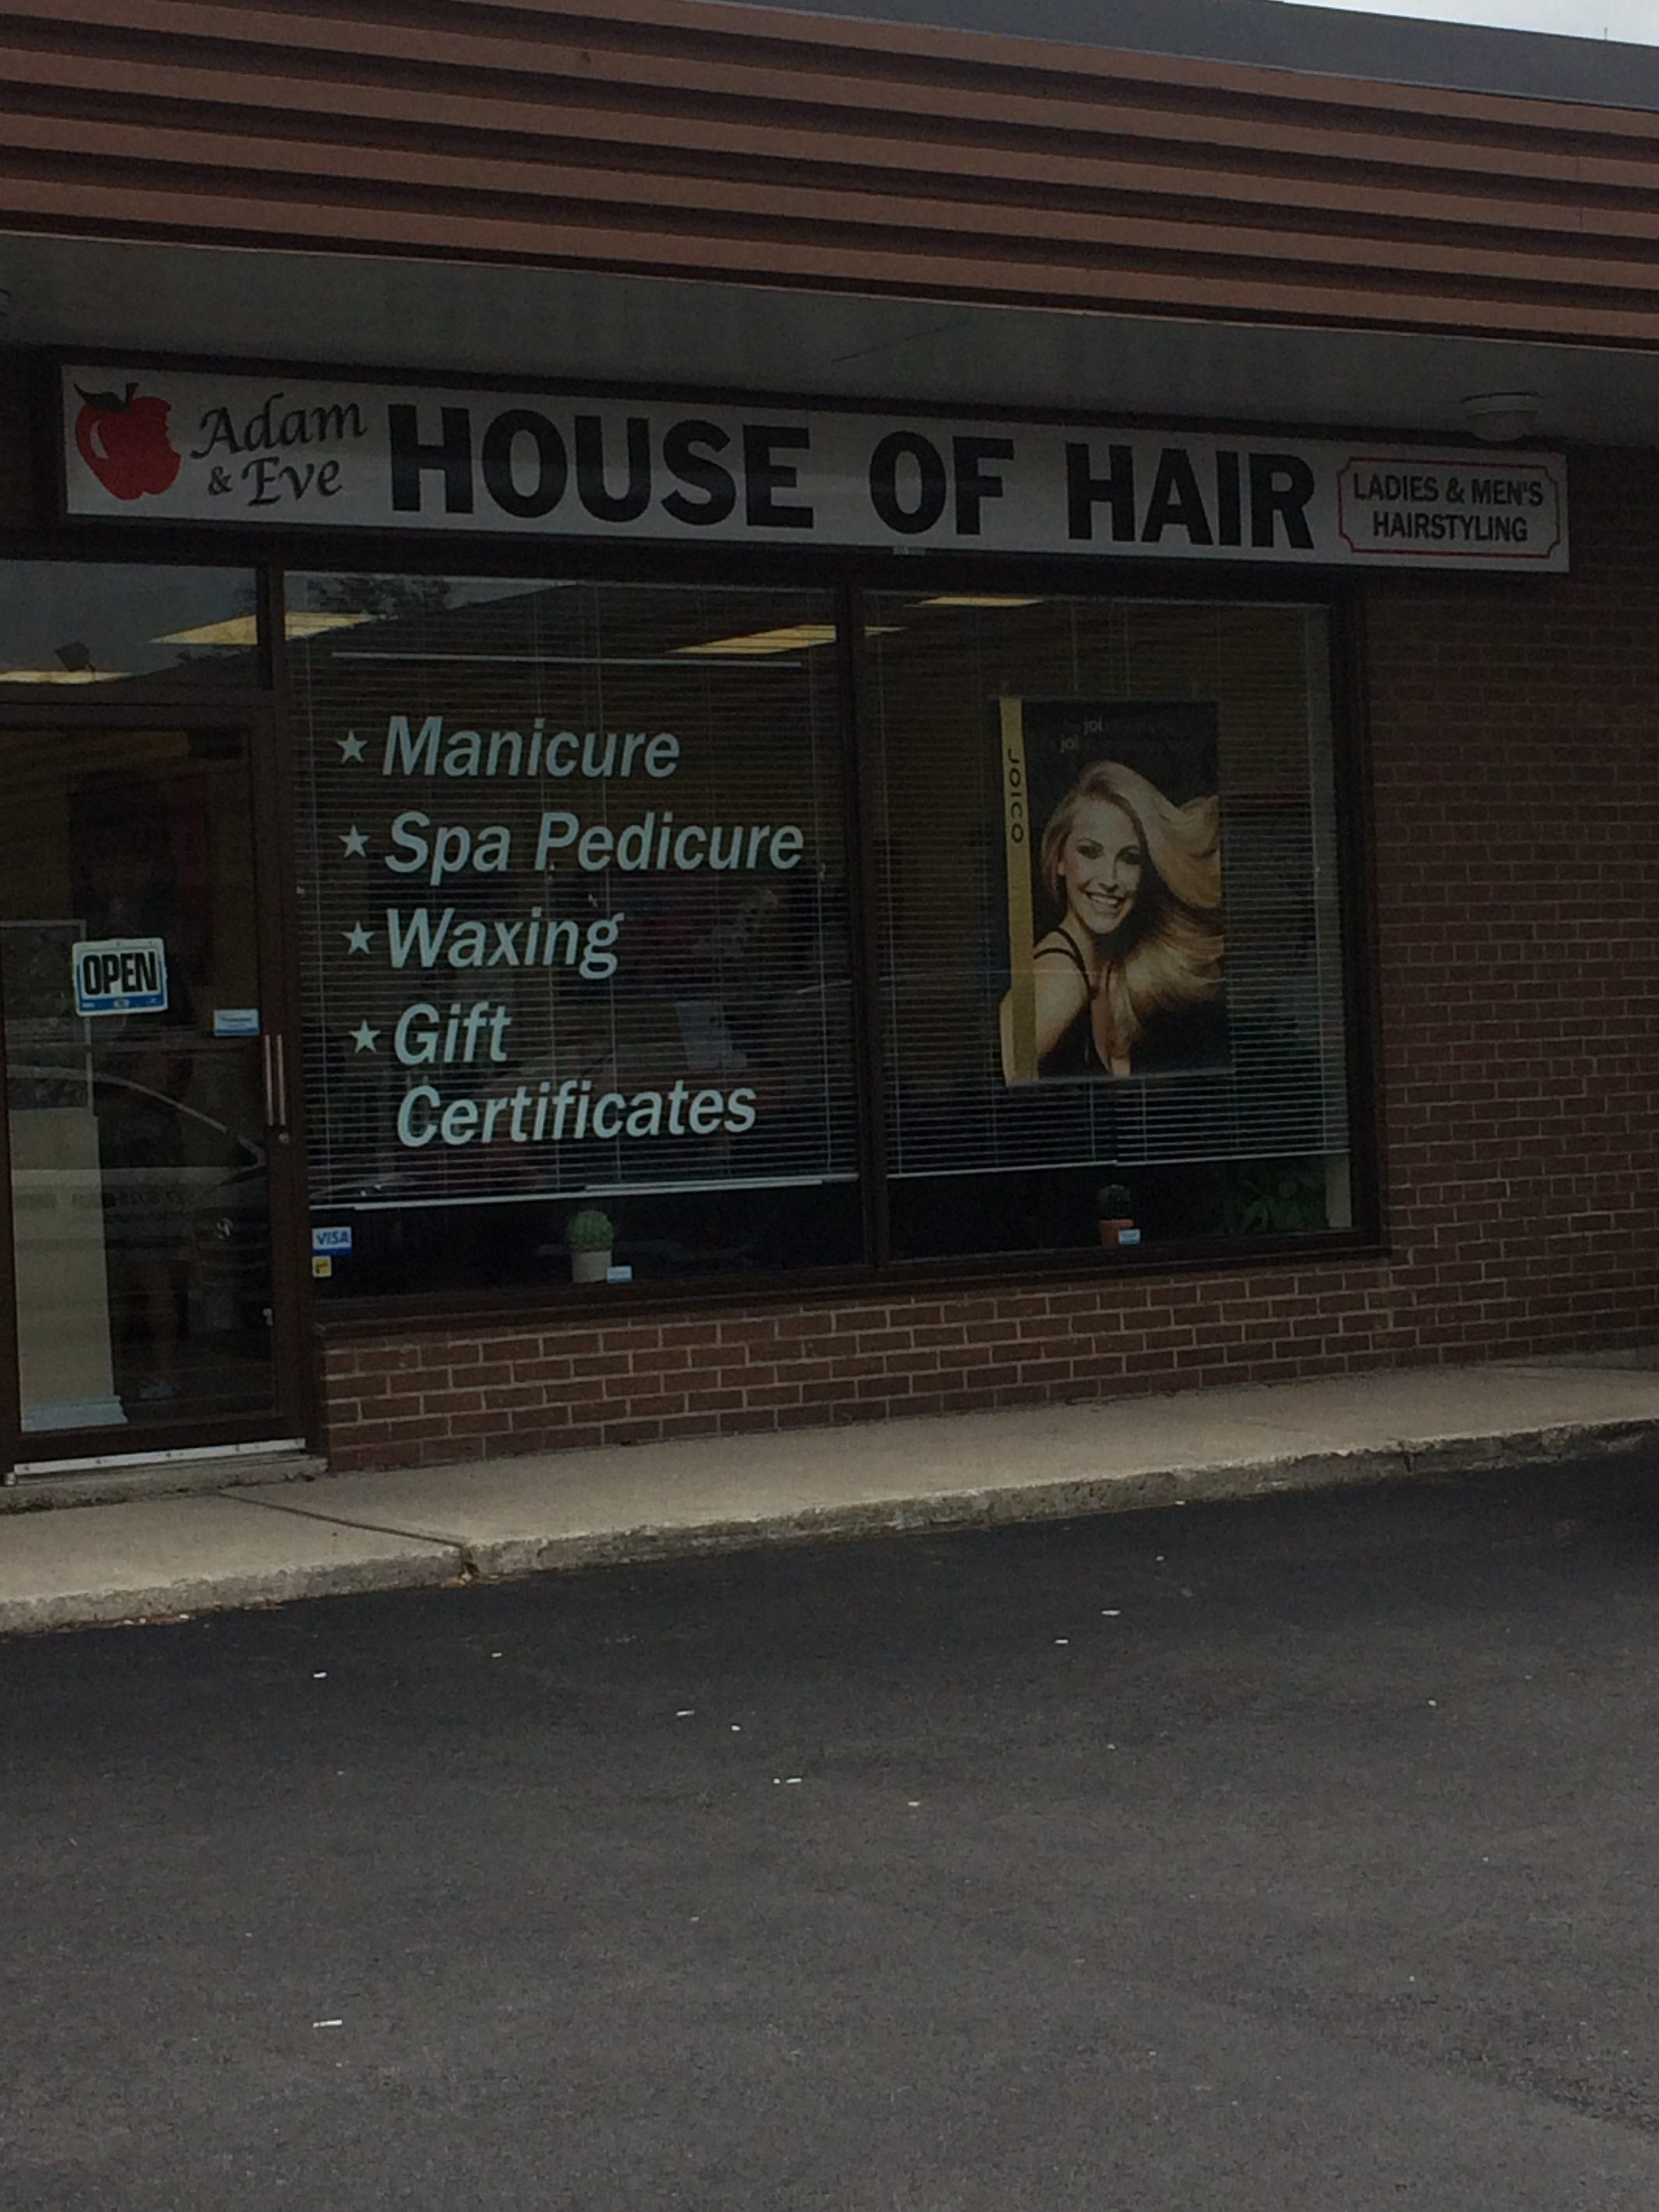 Adam & Eve House of Hair